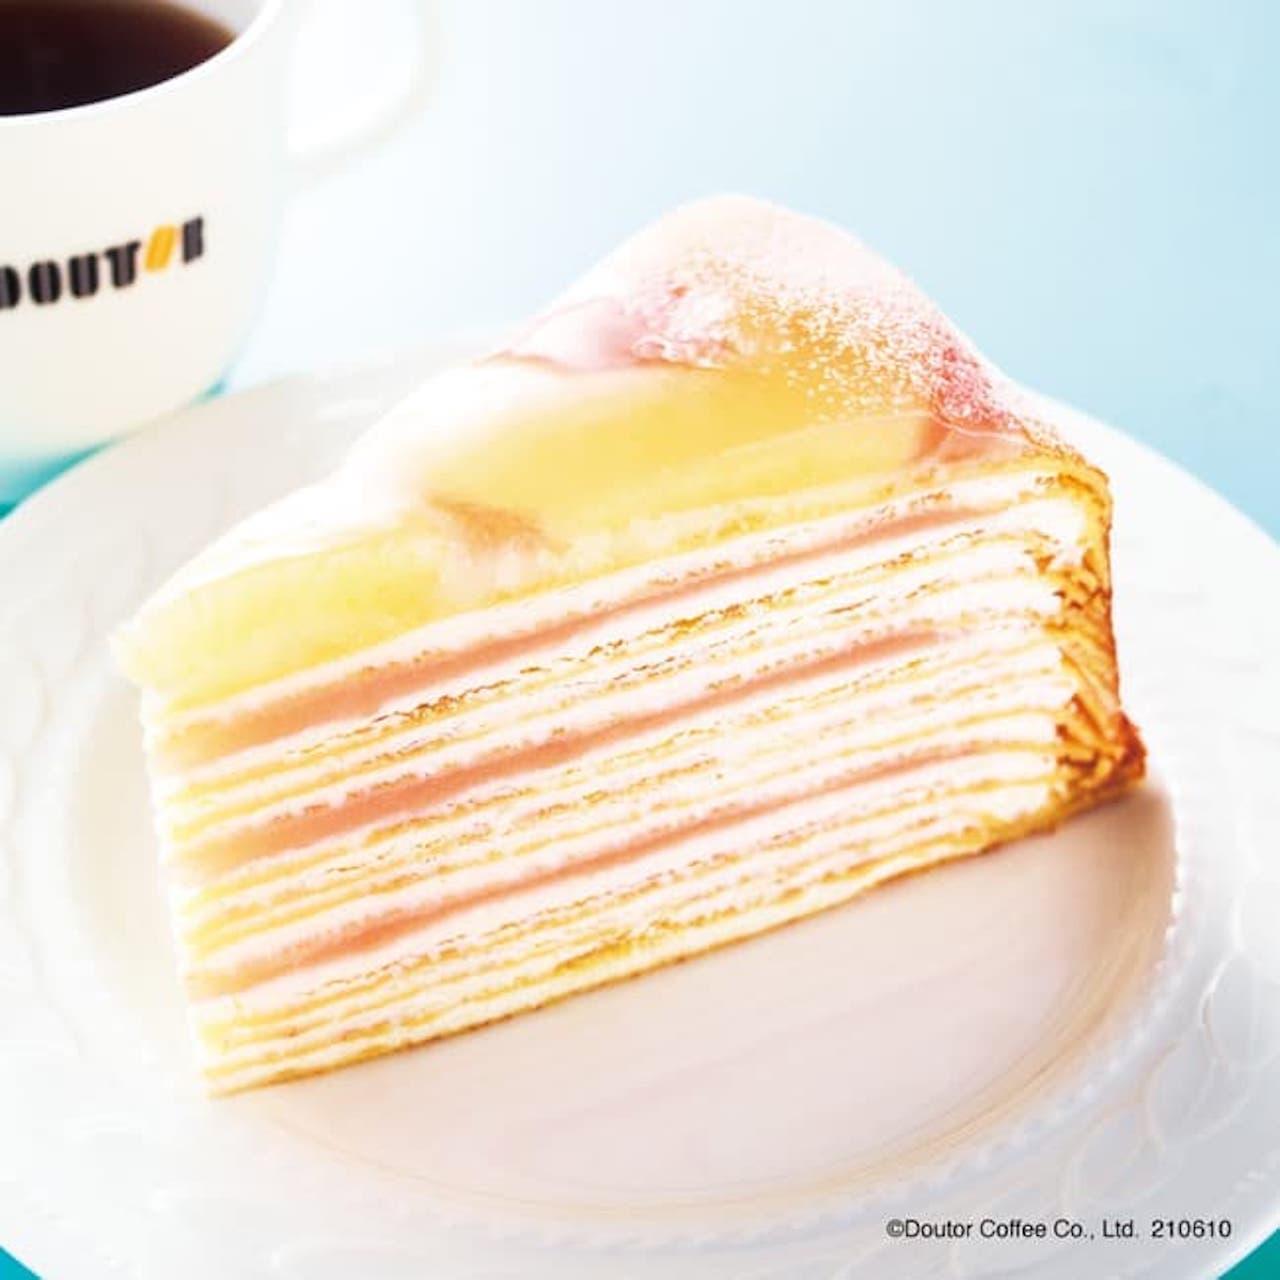 ドトール「福島県産白桃のミルクレープ」